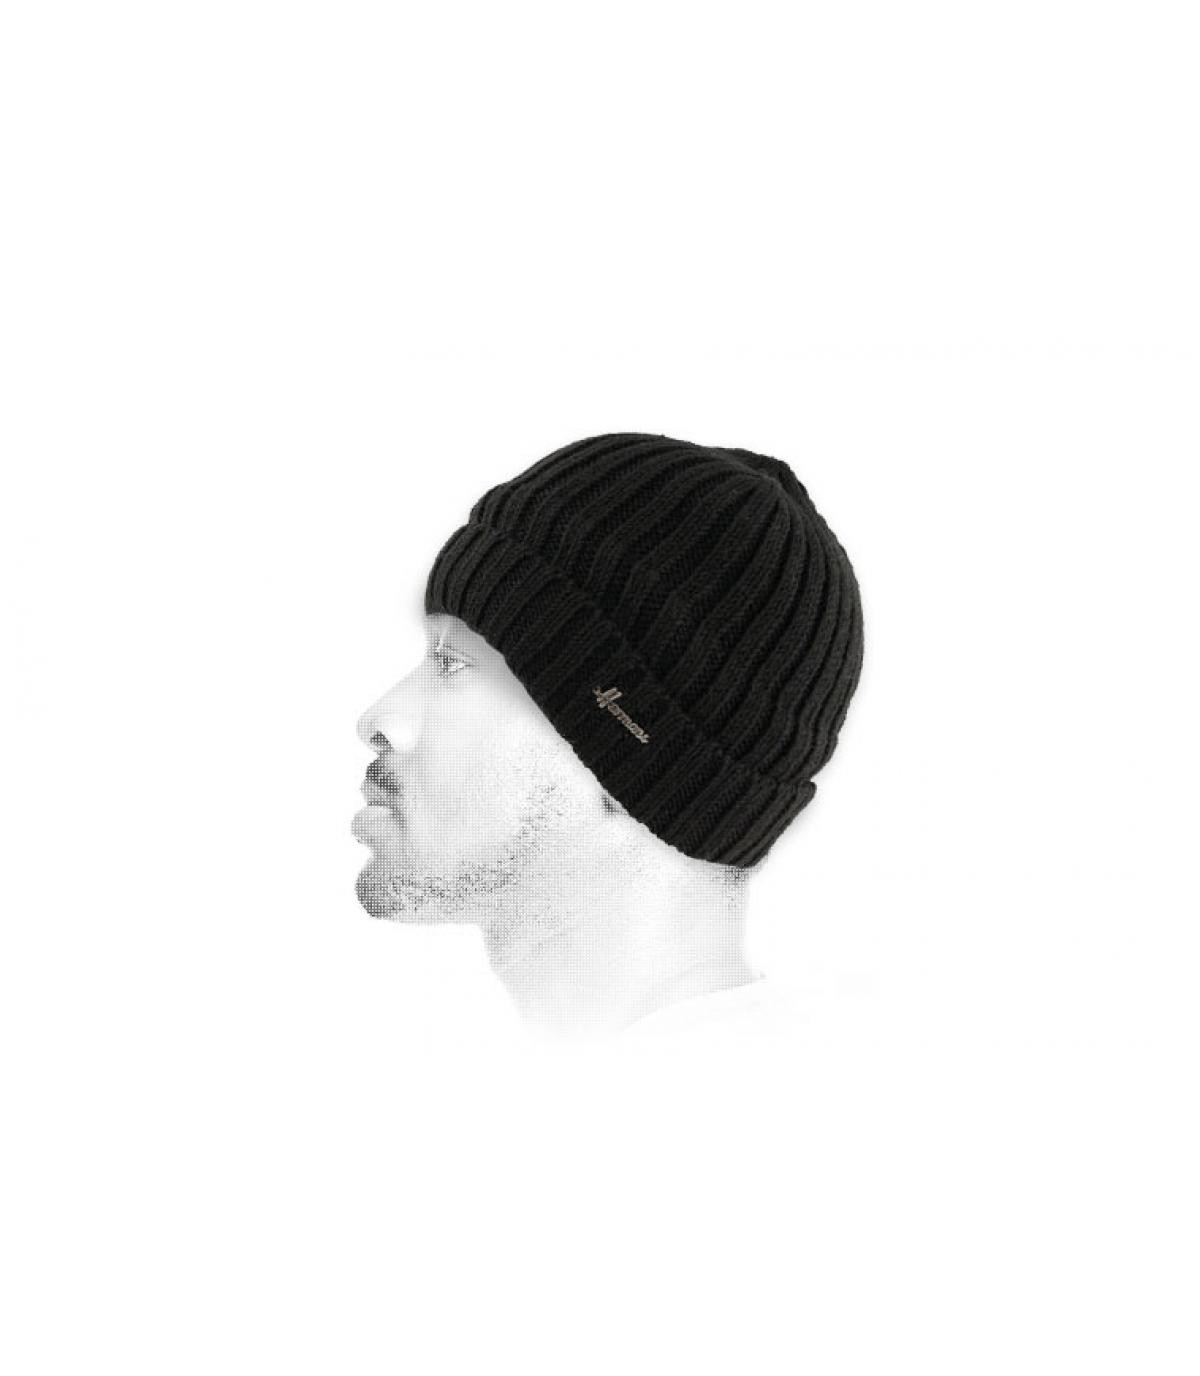 cappello bavero di lana nero